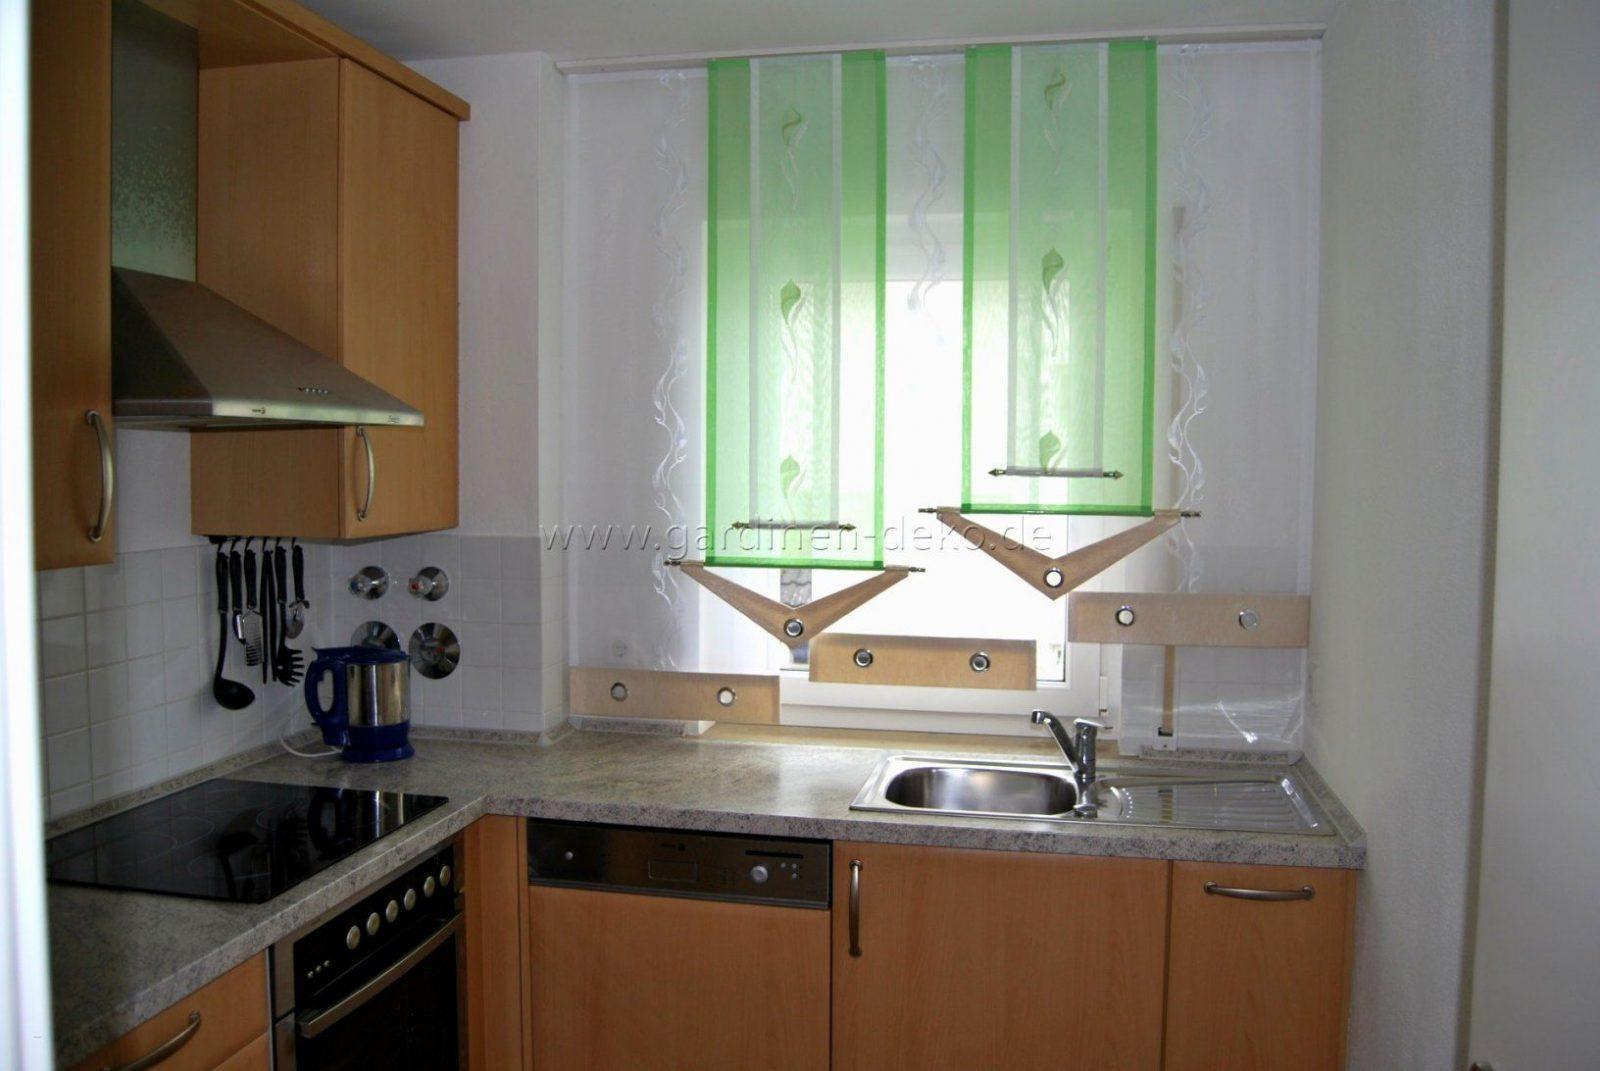 Fensterdeko Küche Modern Schön Küchenfenster Dekorieren Kuechen von Moderne Gardinen Für Küche Bild